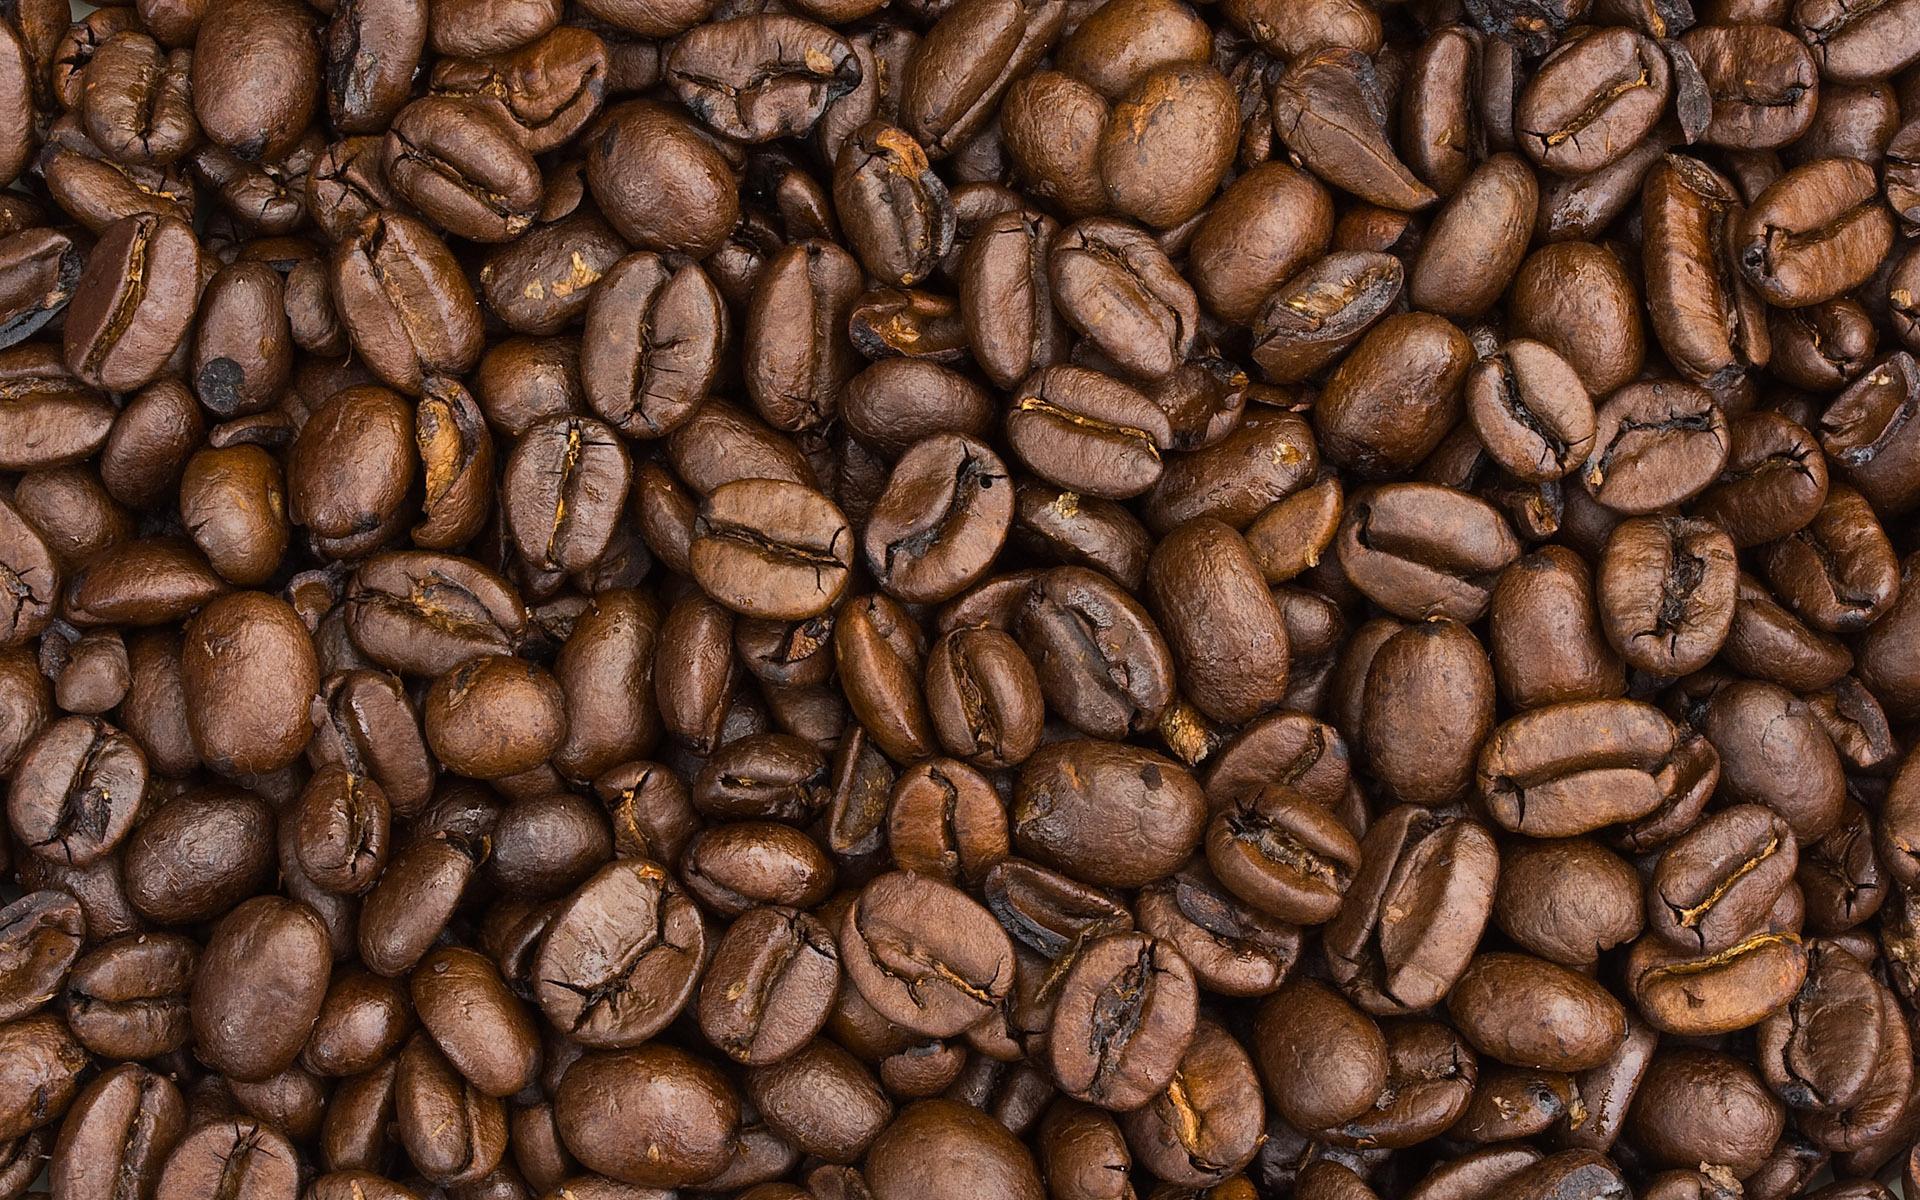 зависимости картинки кофе хорошего разрешения санте маленькие глазки